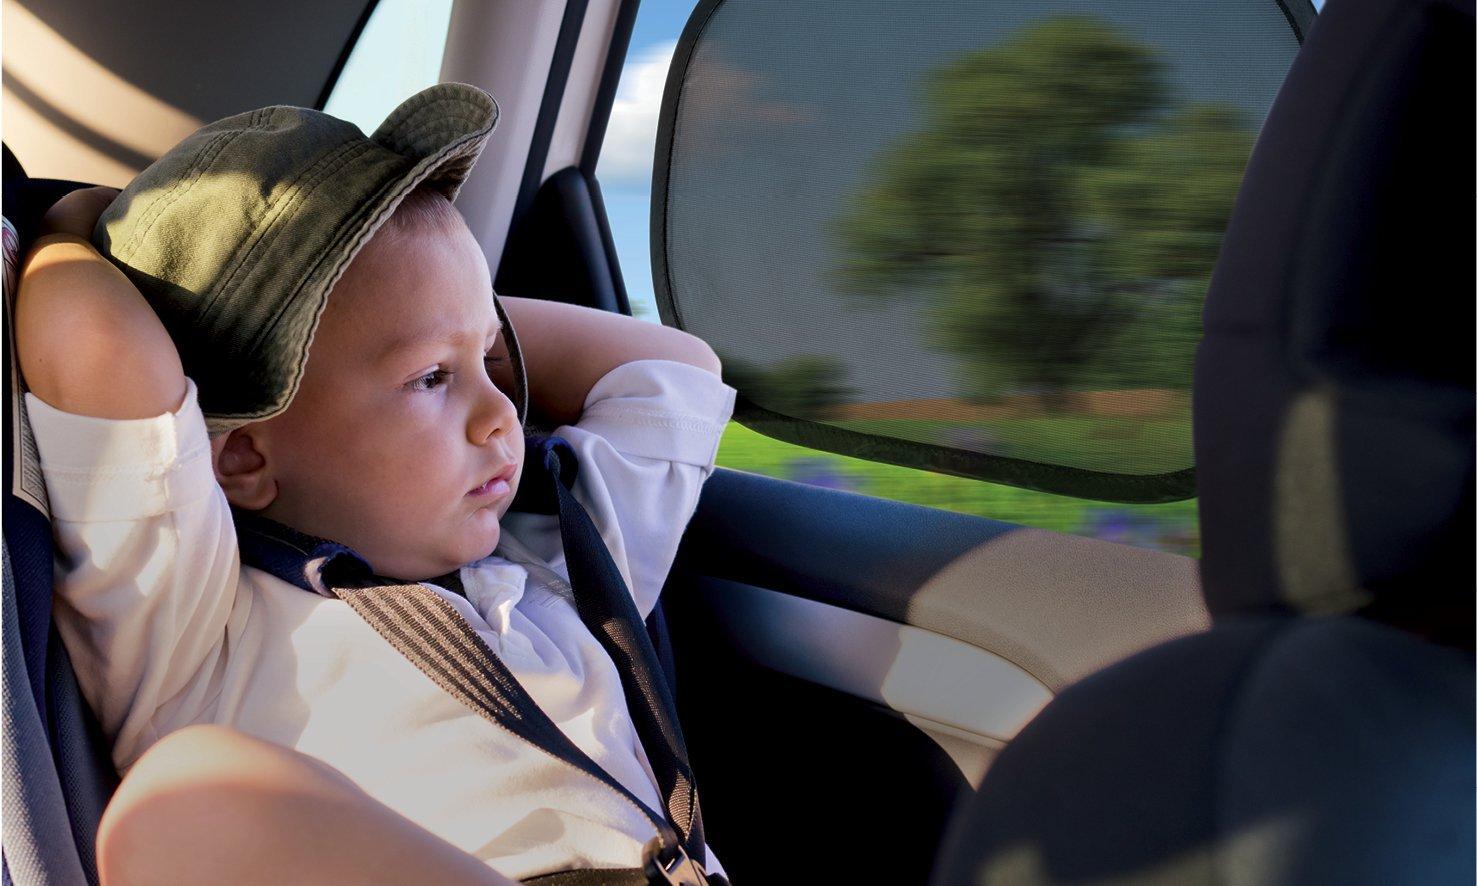 """H/öchstm/öglicher Zus/ätzlich mit 4 Saugern bietet guten Sonnenschutz im Auto Ba Lina M./® selbsthaftende Sonnenblende Gr/ö/ße: 48 x 30 cm gepr/üfter UV-Schutz UPF80+/"""" f/ür Kinder und Babys F/ür Kindersitze"""